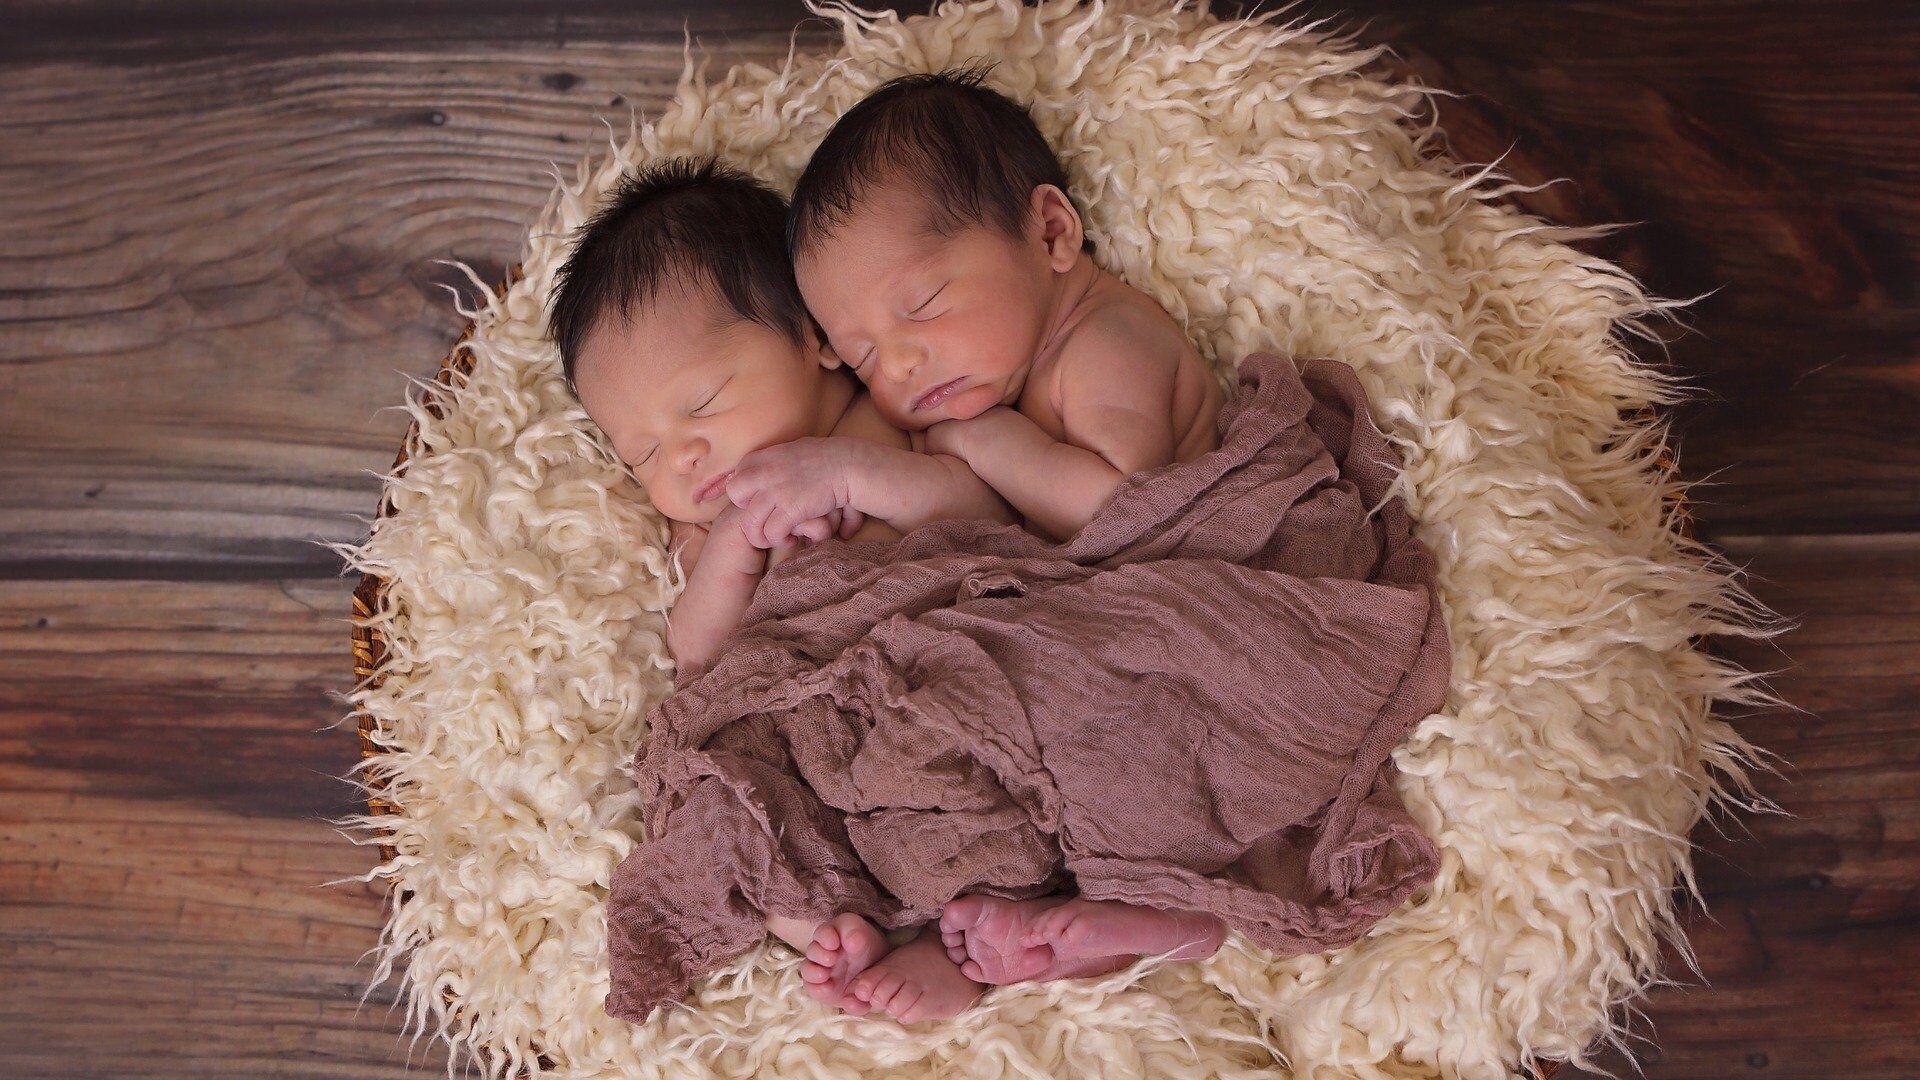 ტყუპი ახალშობილები - Sputnik საქართველო, 1920, 15.02.2021